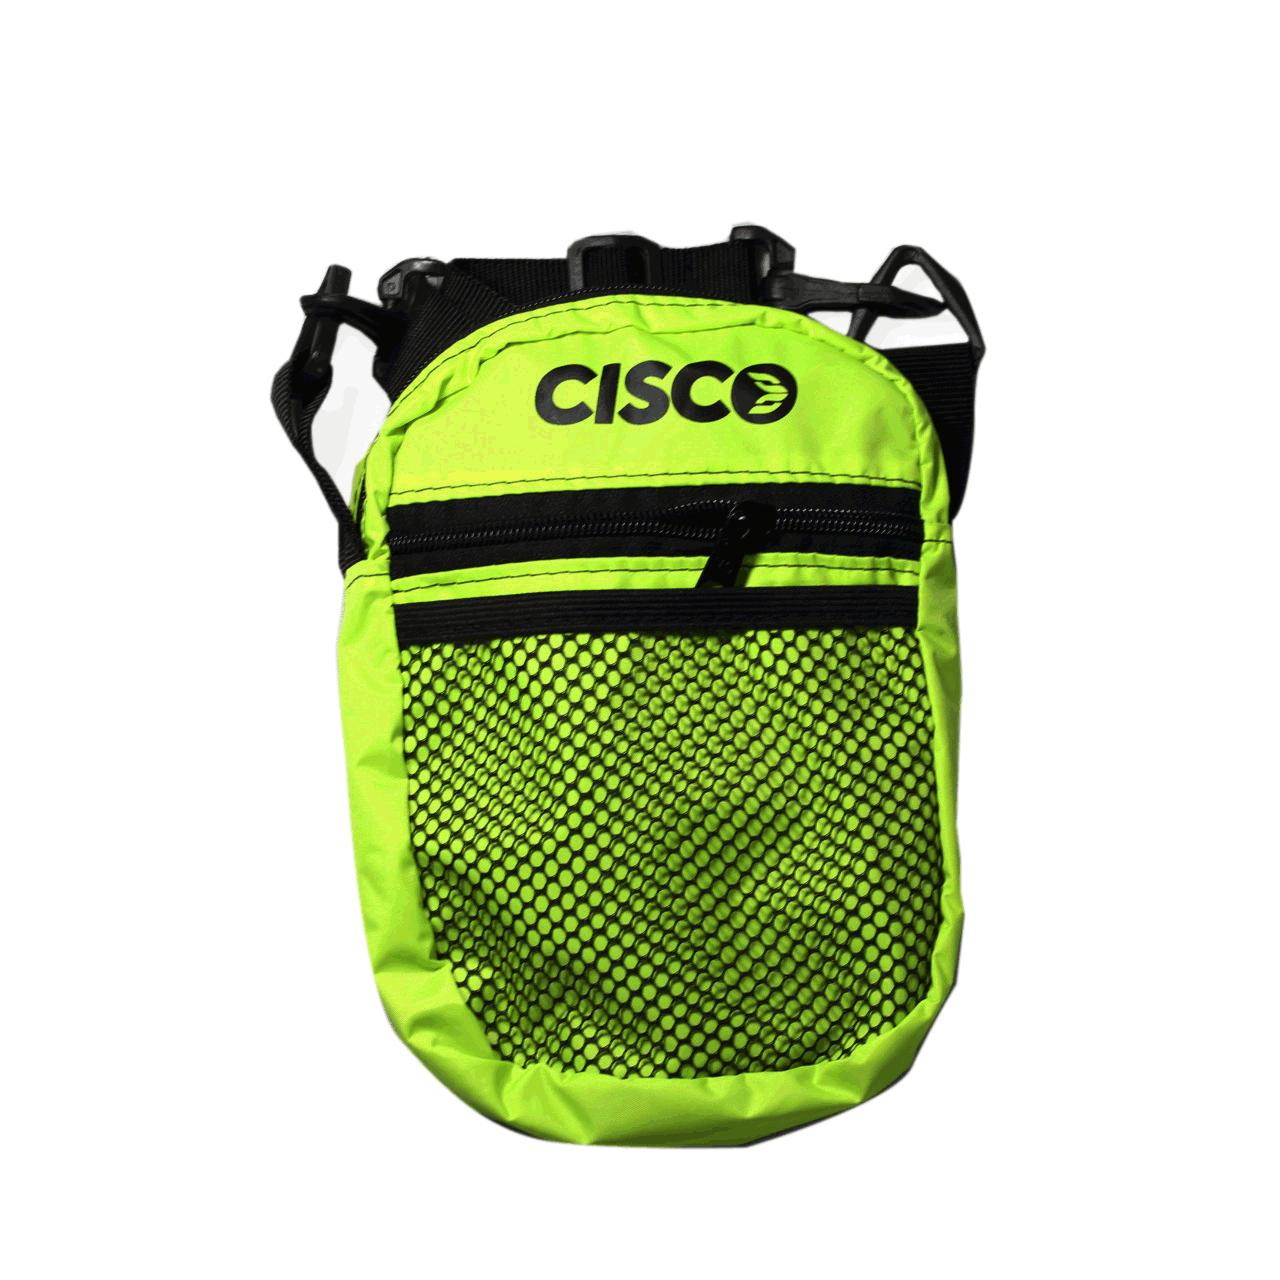 Shoulder Bag Cisco - Neon